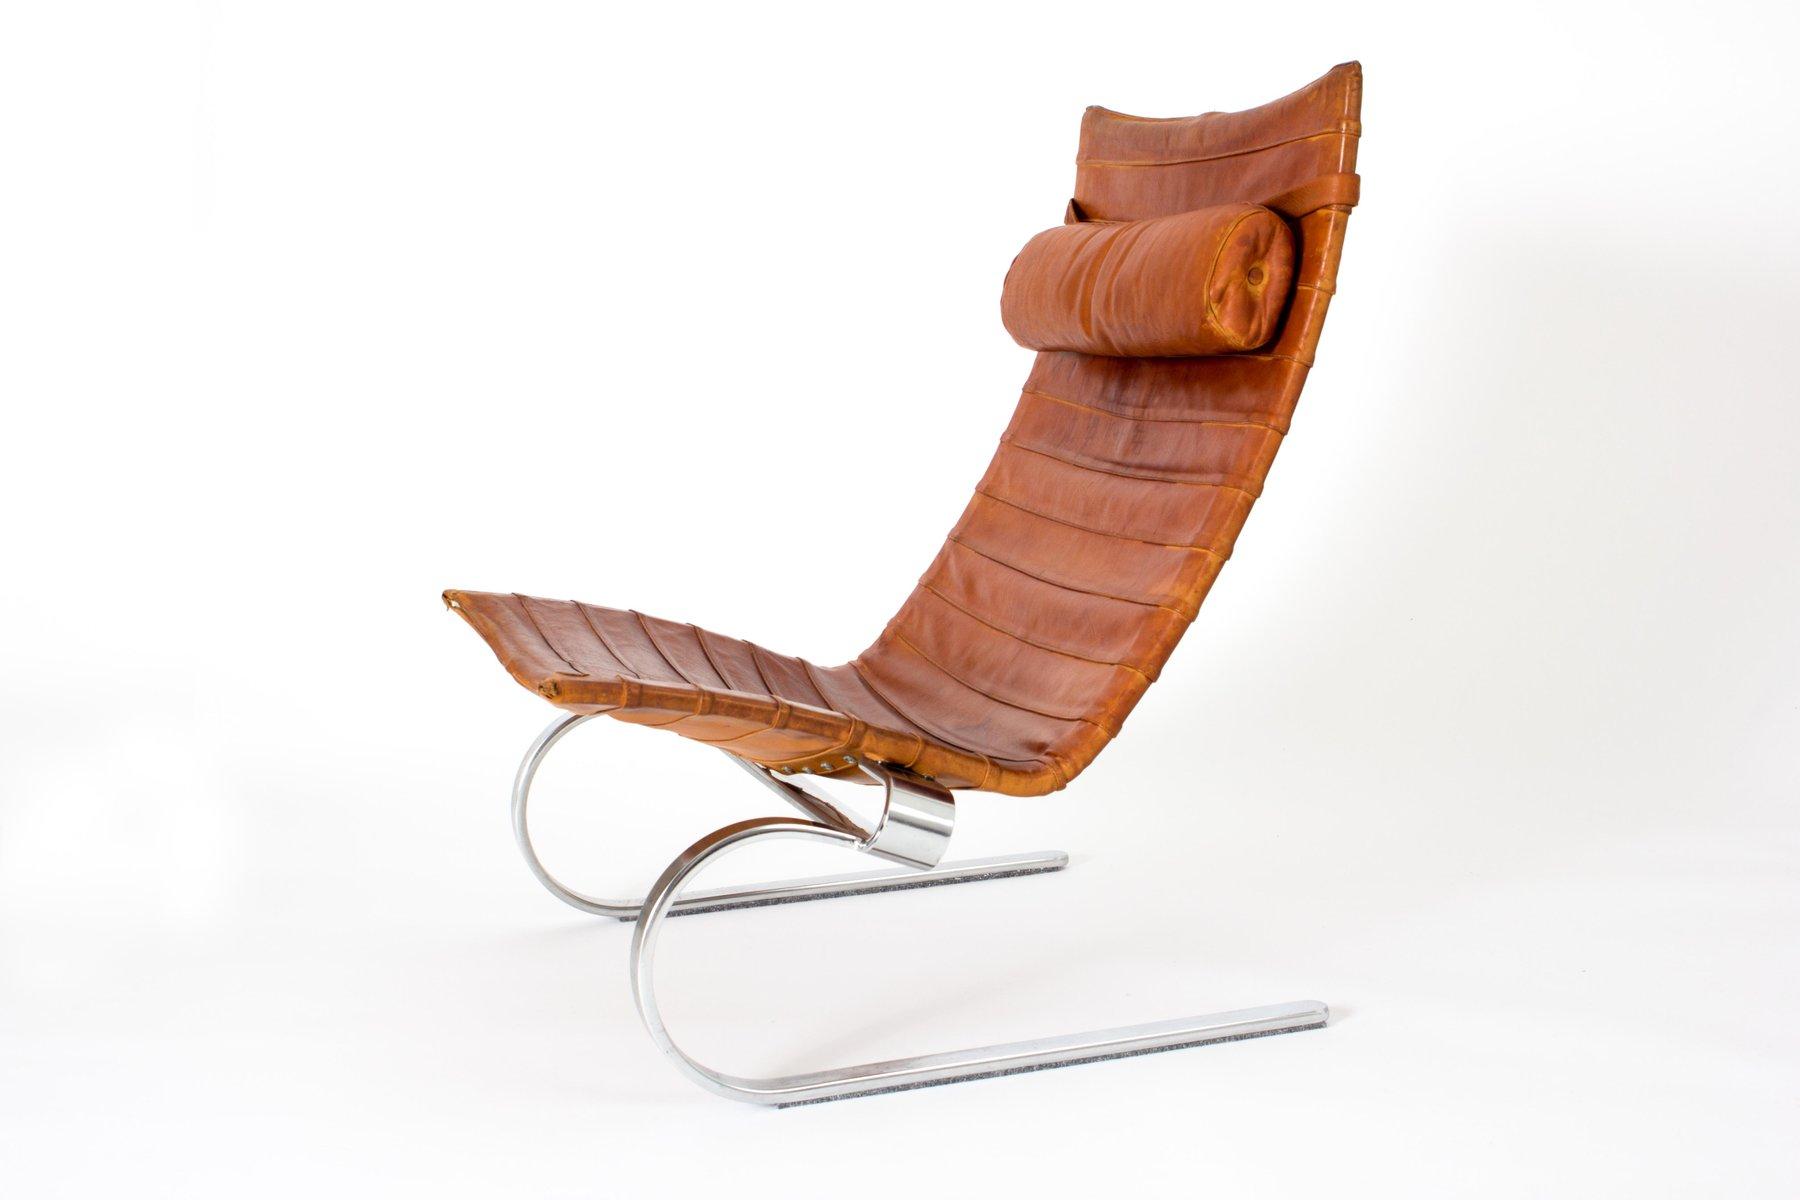 Dänischer Pk20 Sessel von Poul Kjaerholm für E. Kold Christensen, 1960...